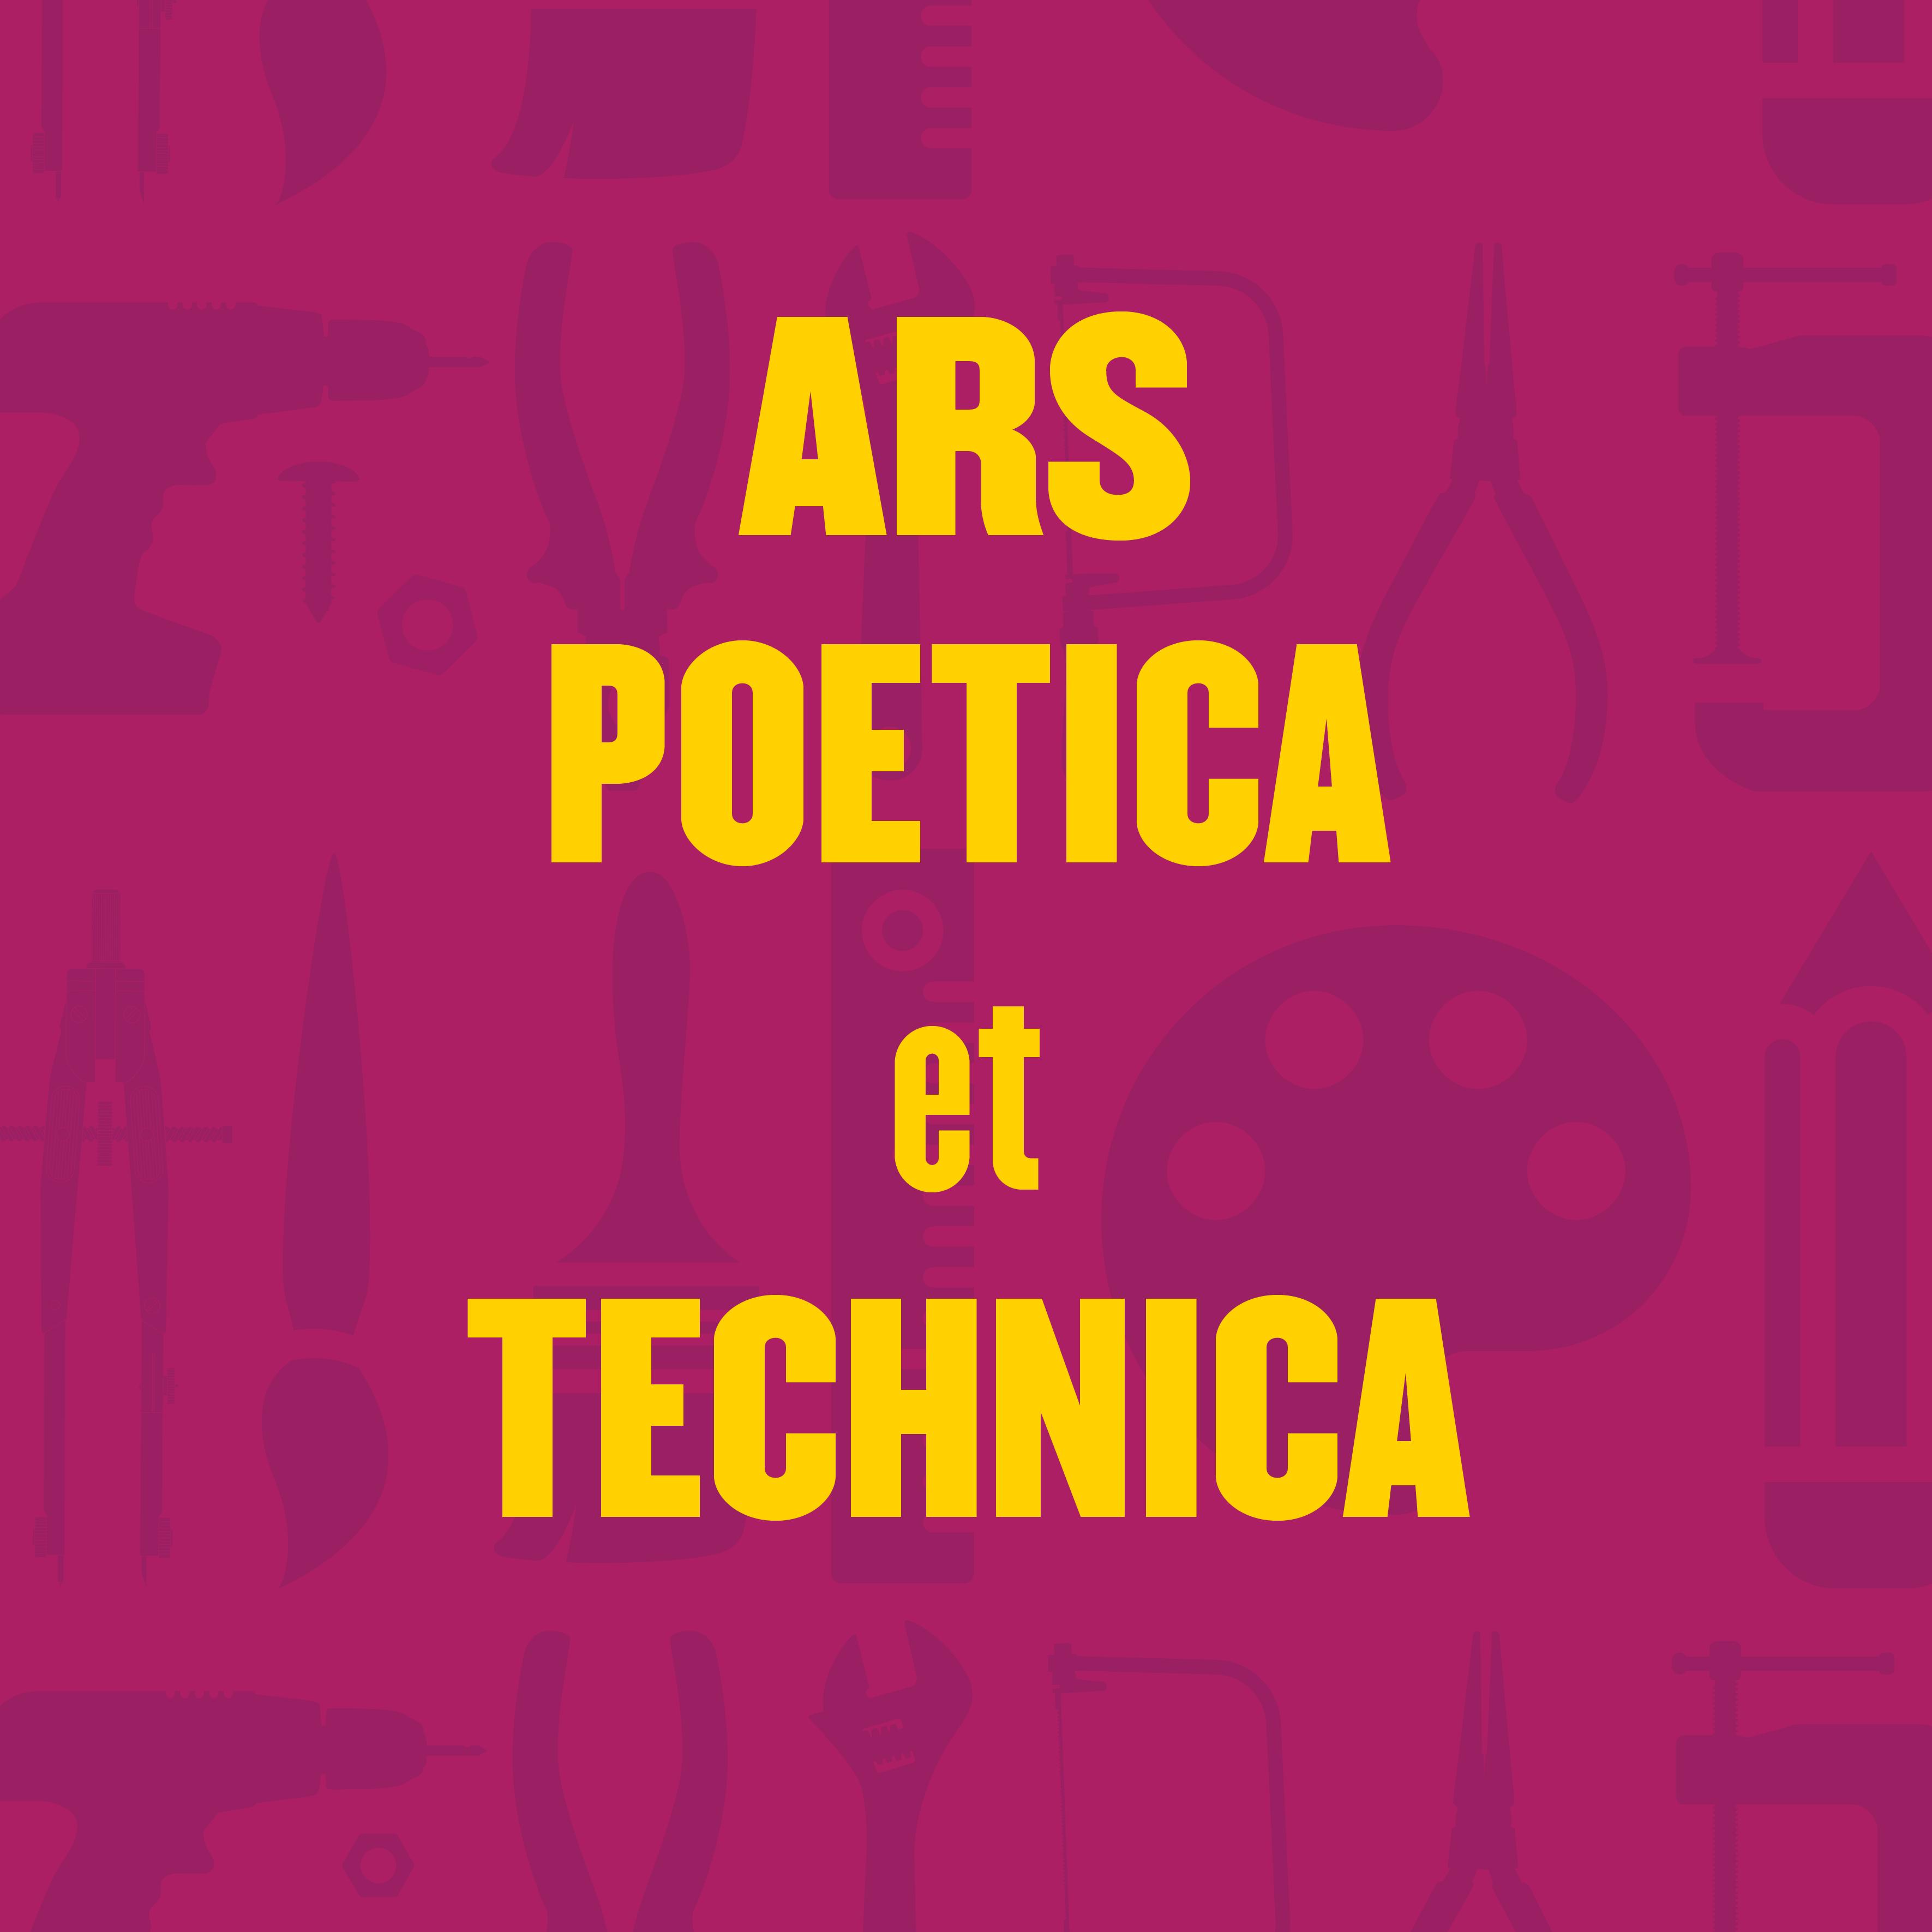 Ars Poetica logo